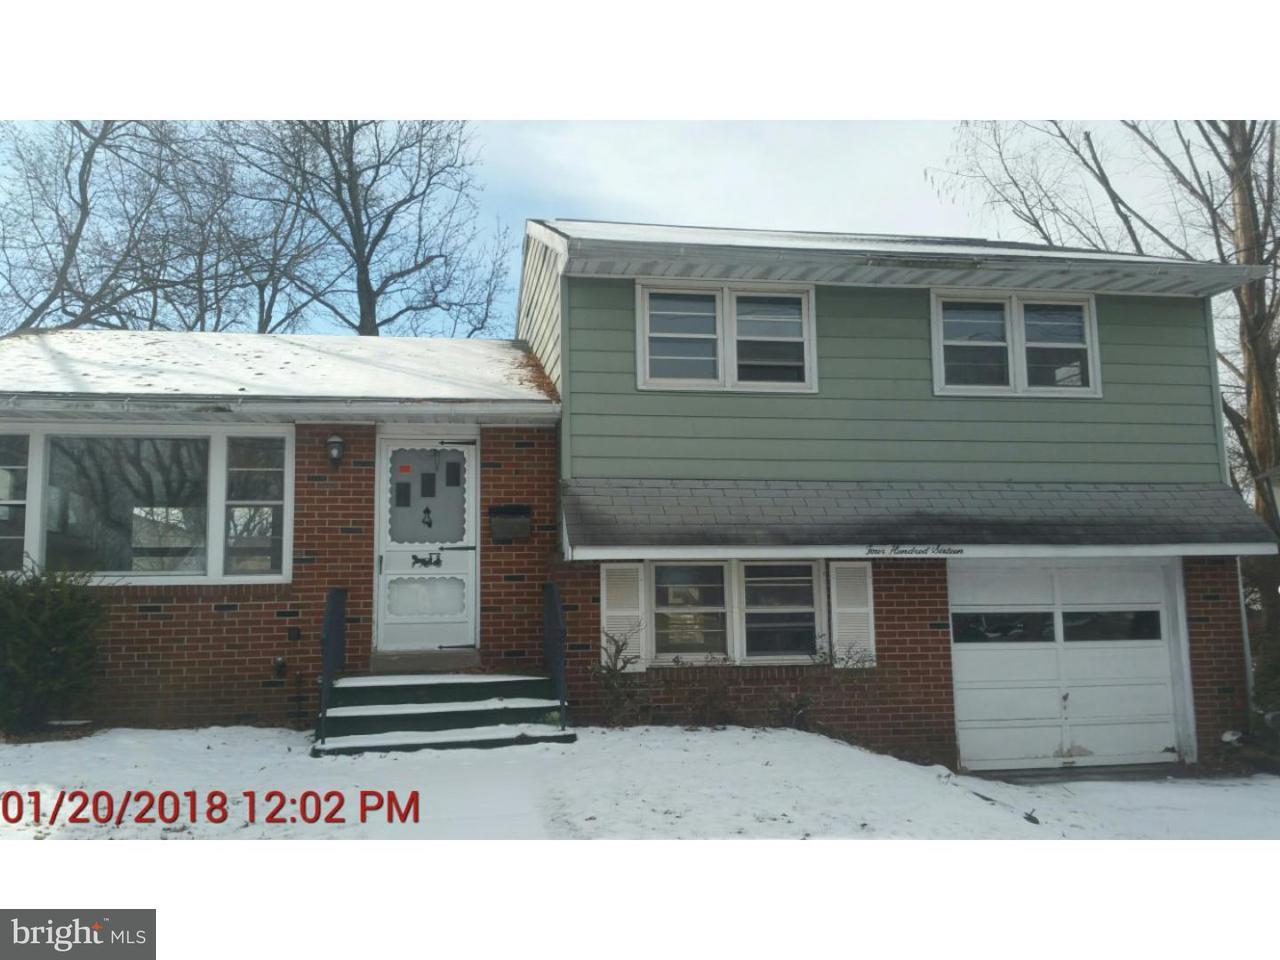 Maison unifamiliale pour l Vente à 416 N MAIN Street Telford, Pennsylvanie 18969 États-Unis